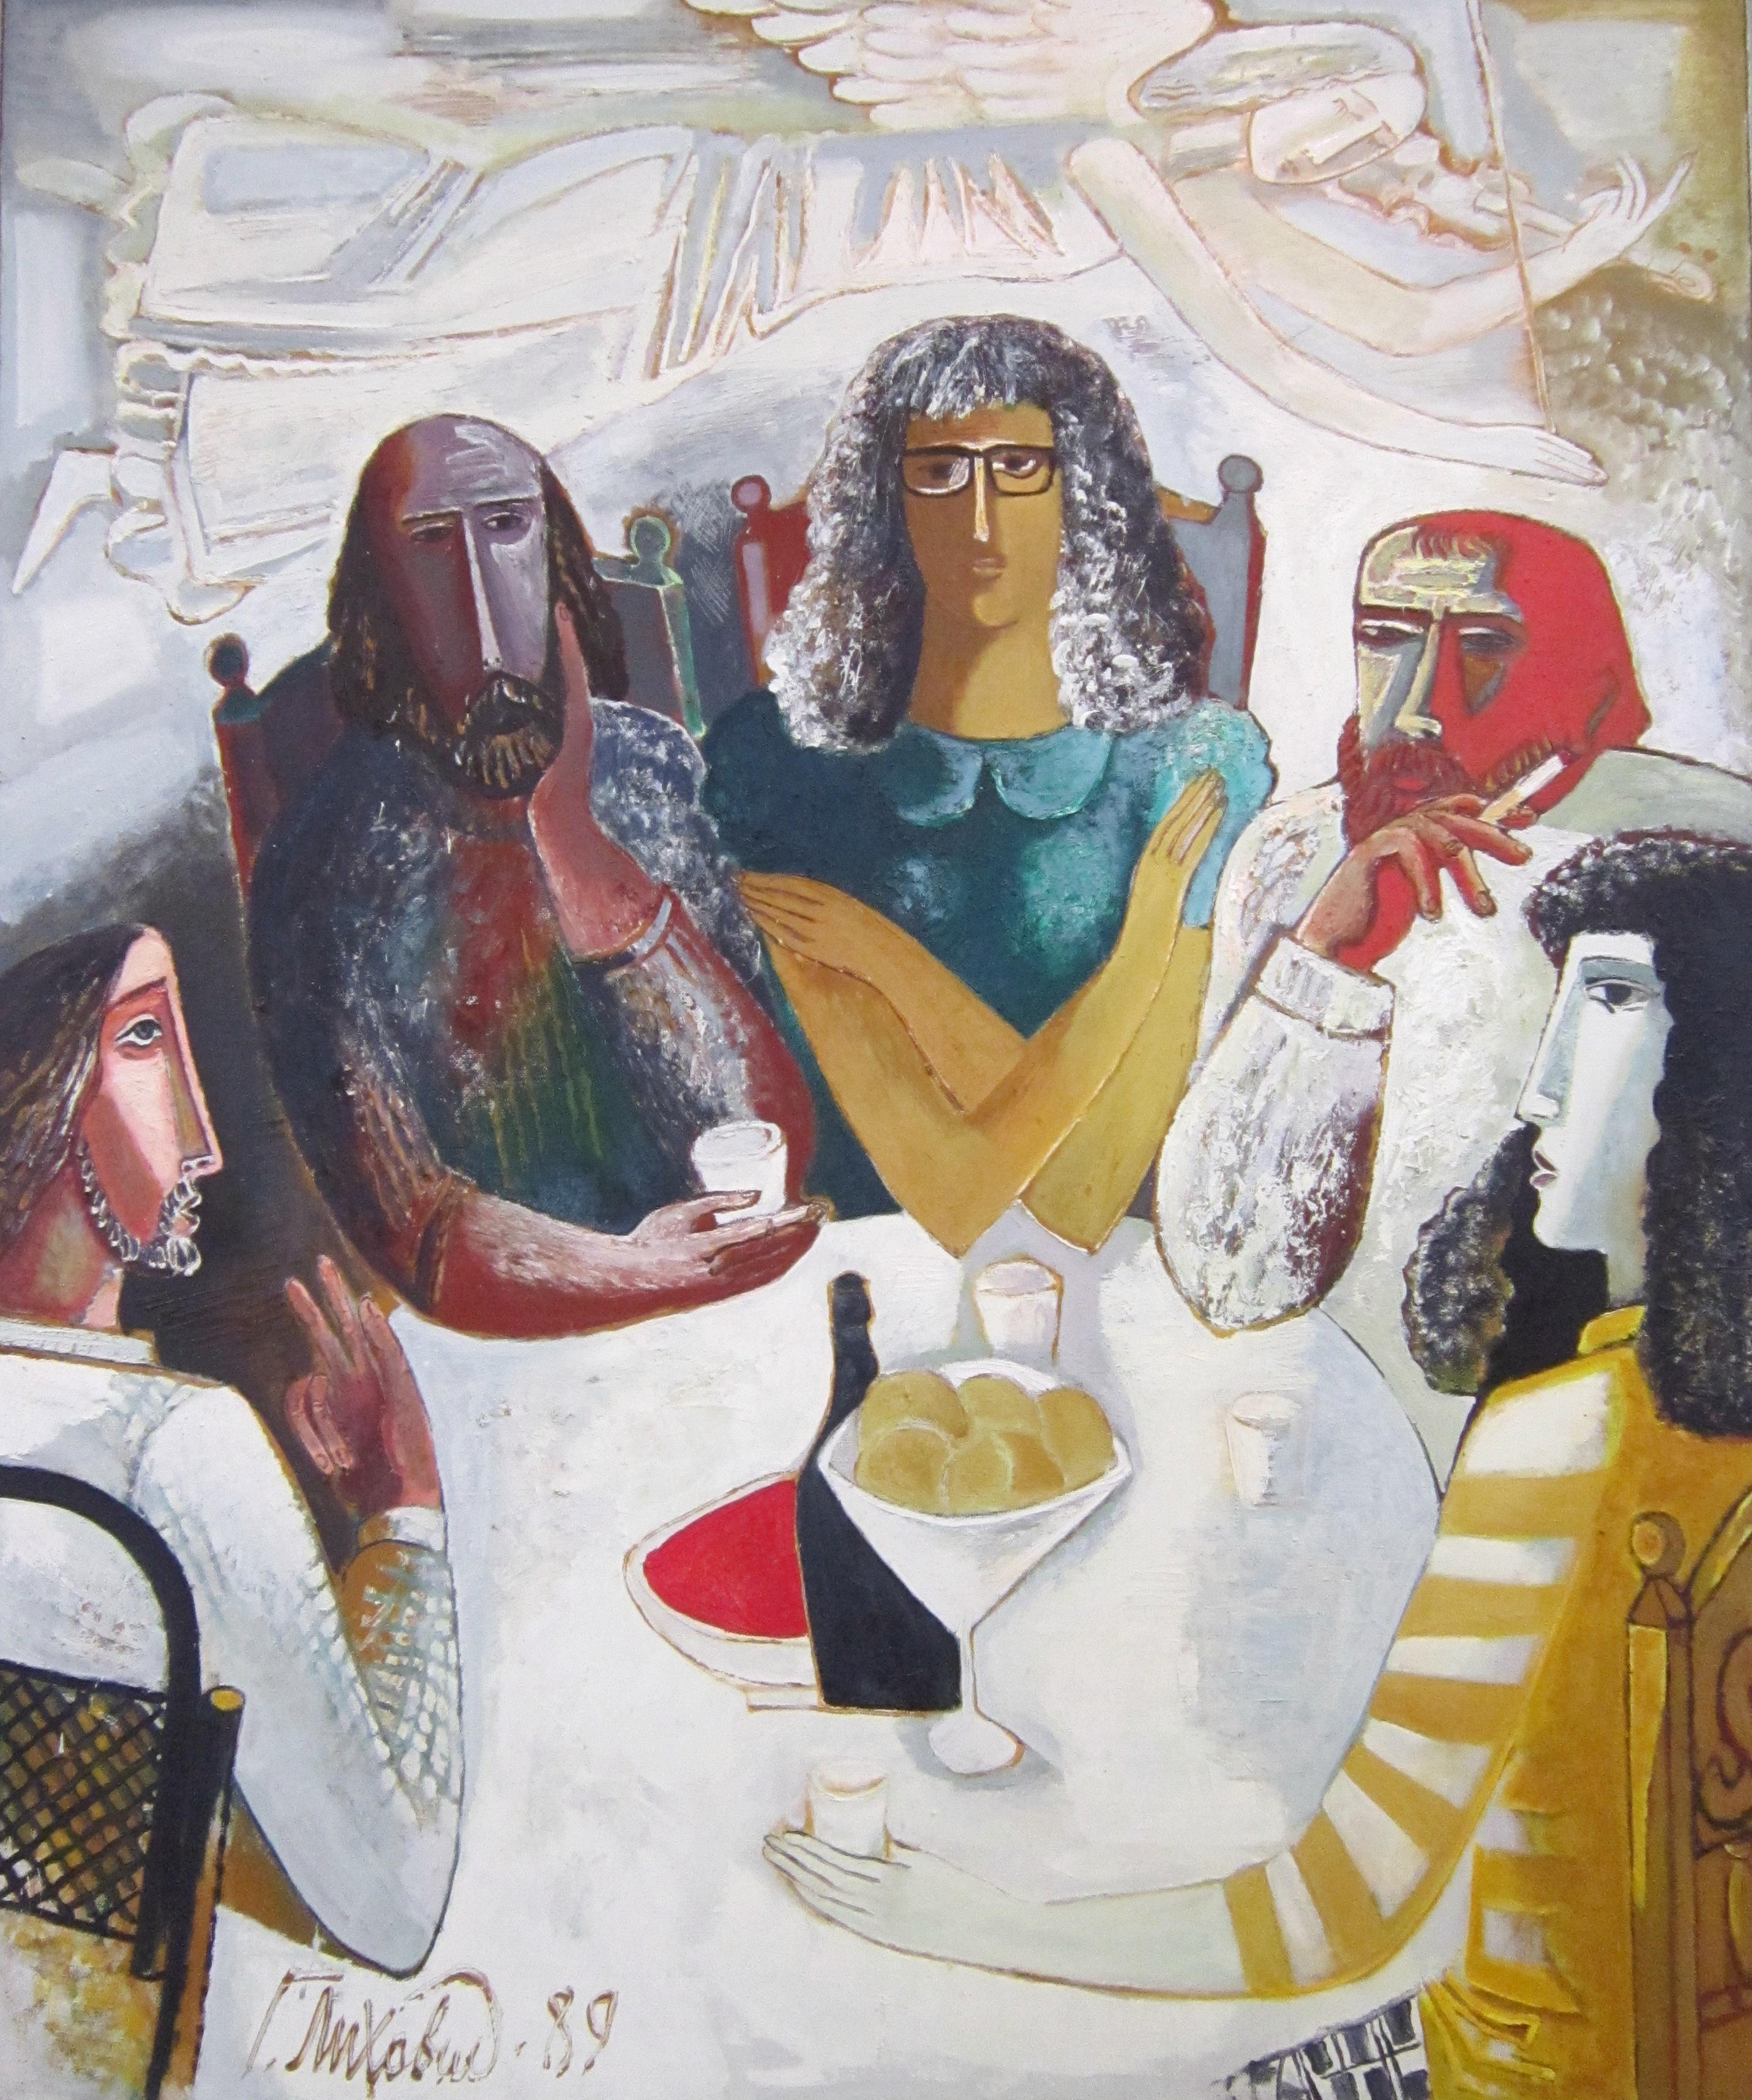 Георгий Иванович Лиховид (род. в 1048 году). Спор об искусстве. 1989 год.